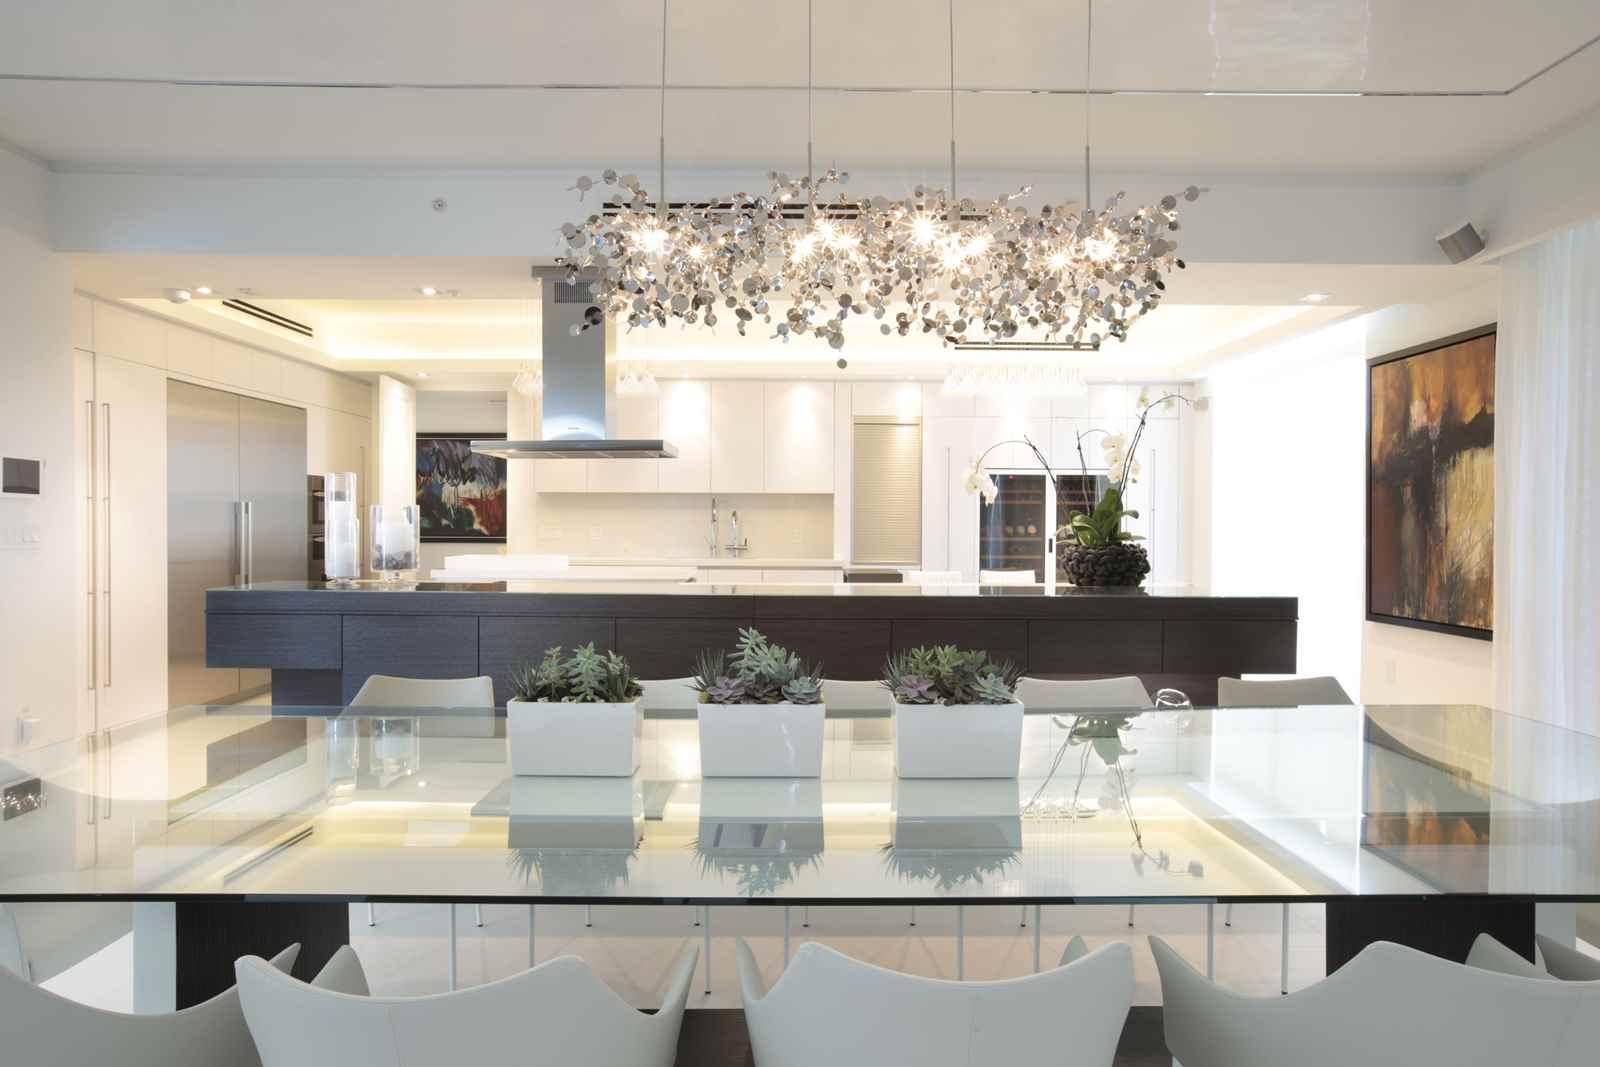 Top Modern Kitchen Designs Dkor Interiors